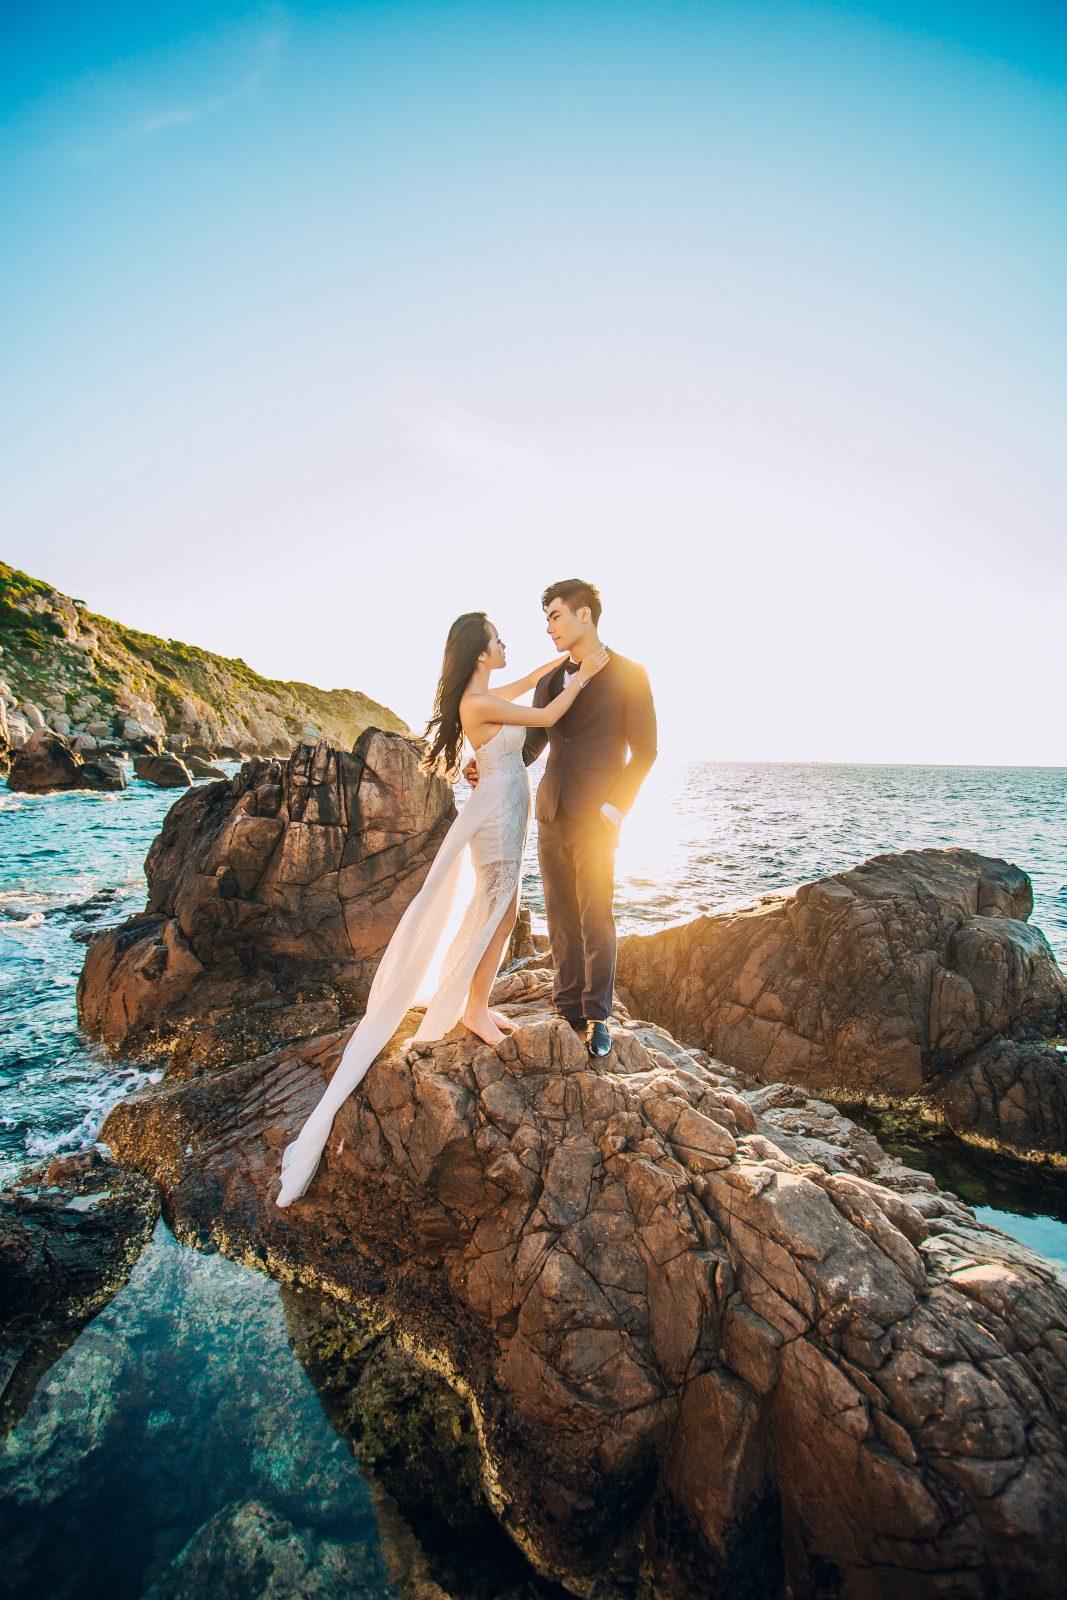 Consejos para una boda en la playa perfecta